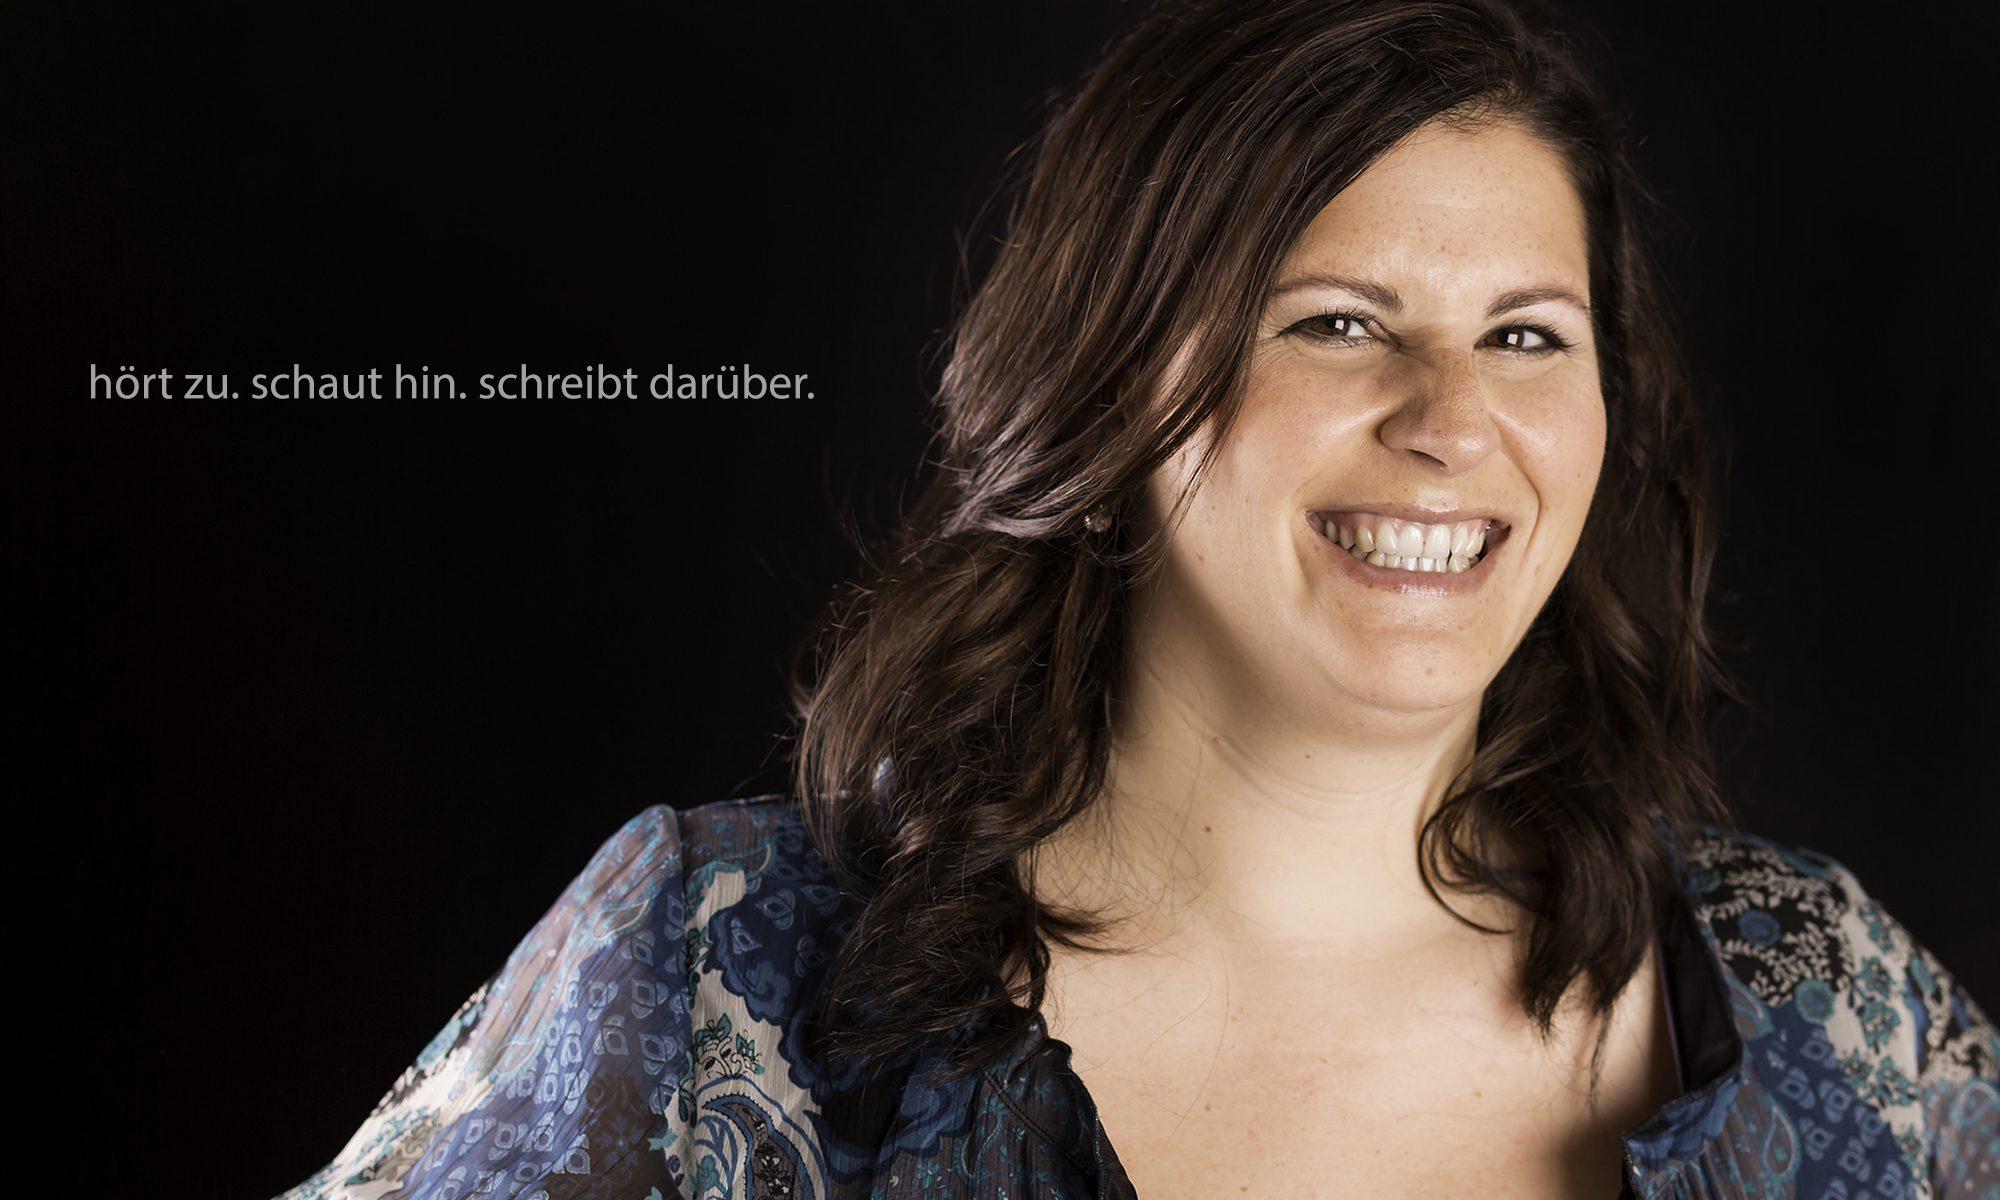 Sabine Karrer